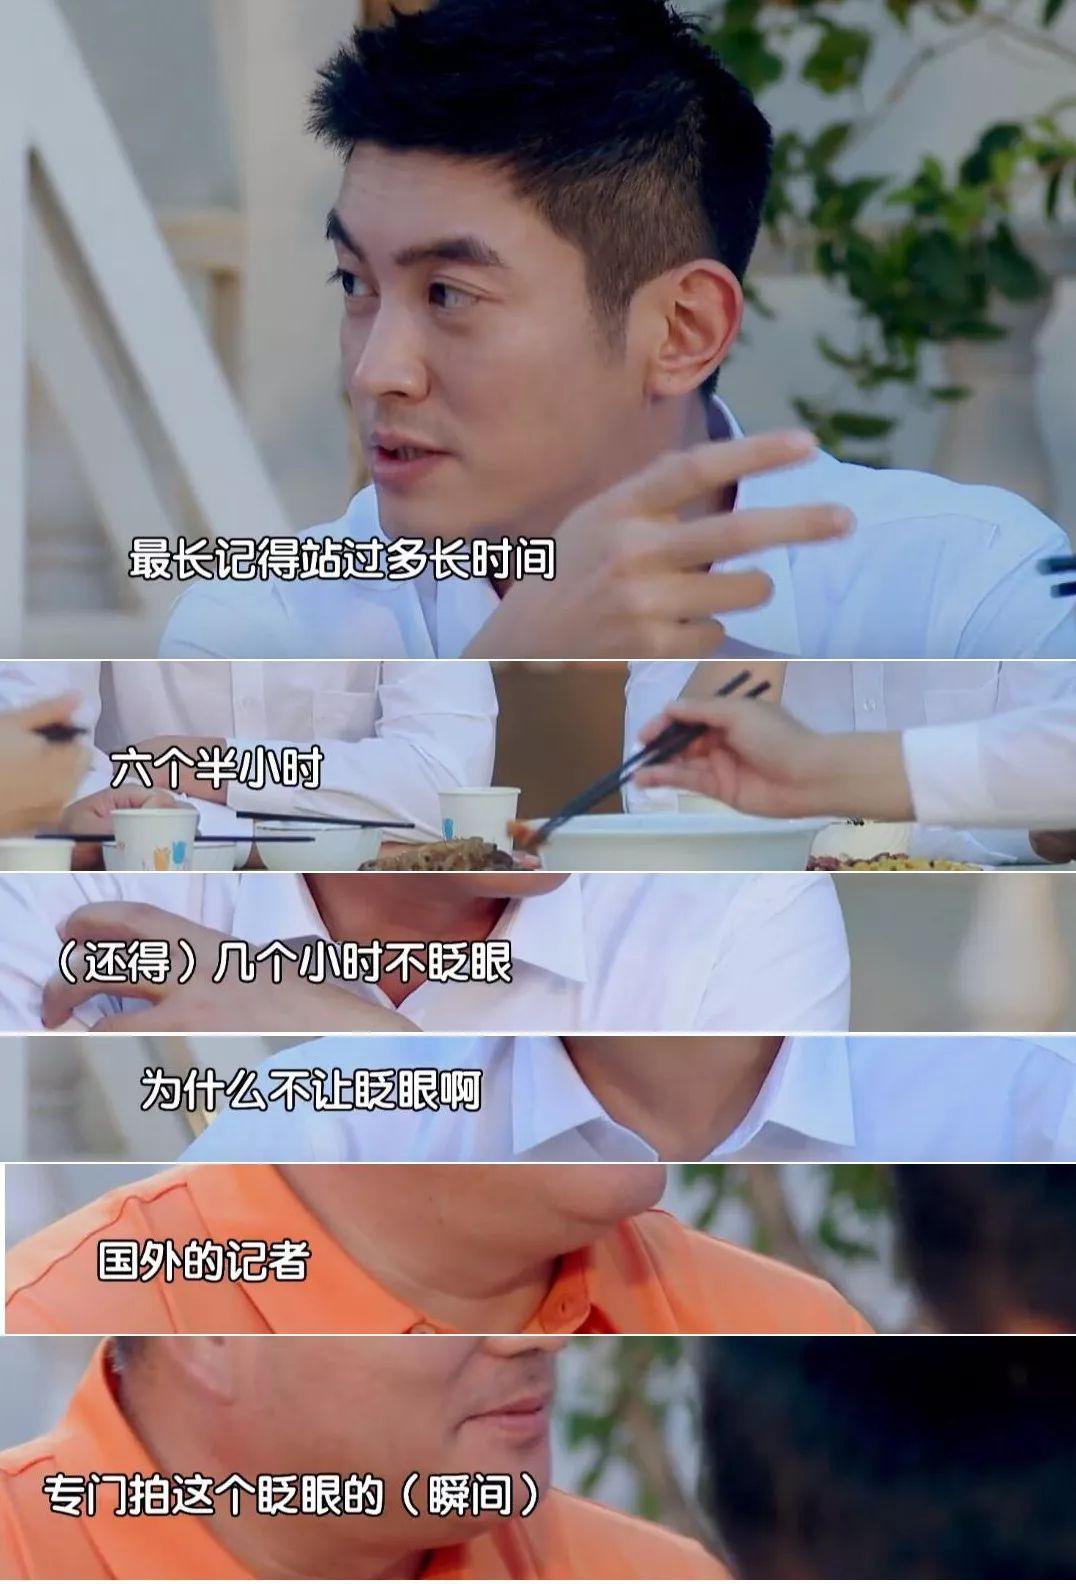 北青报:降准资金须严防跑冒滴漏